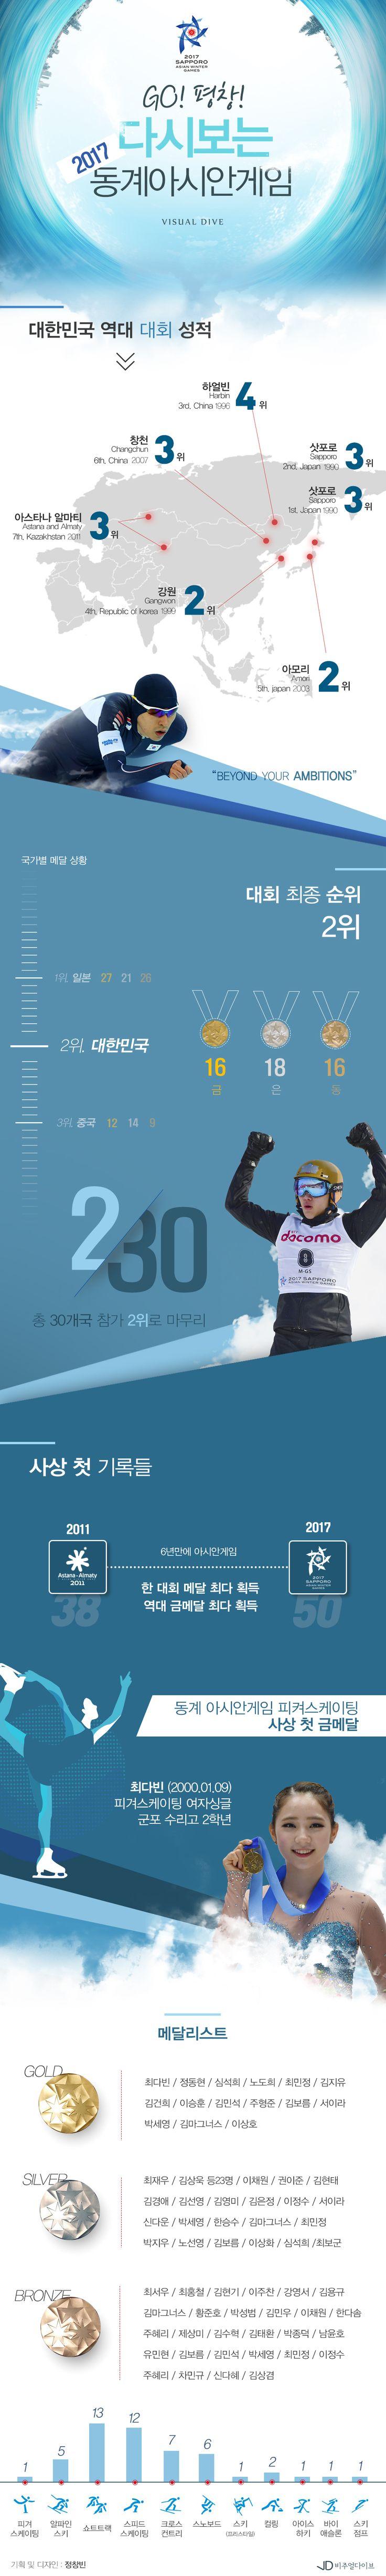 go! 평창! 다시보는 2017 동계아시안게임 [인포그래픽] #asian_games / #Infographic ⓒ 비주얼다이브 무단 복사·전재·재배포 금지